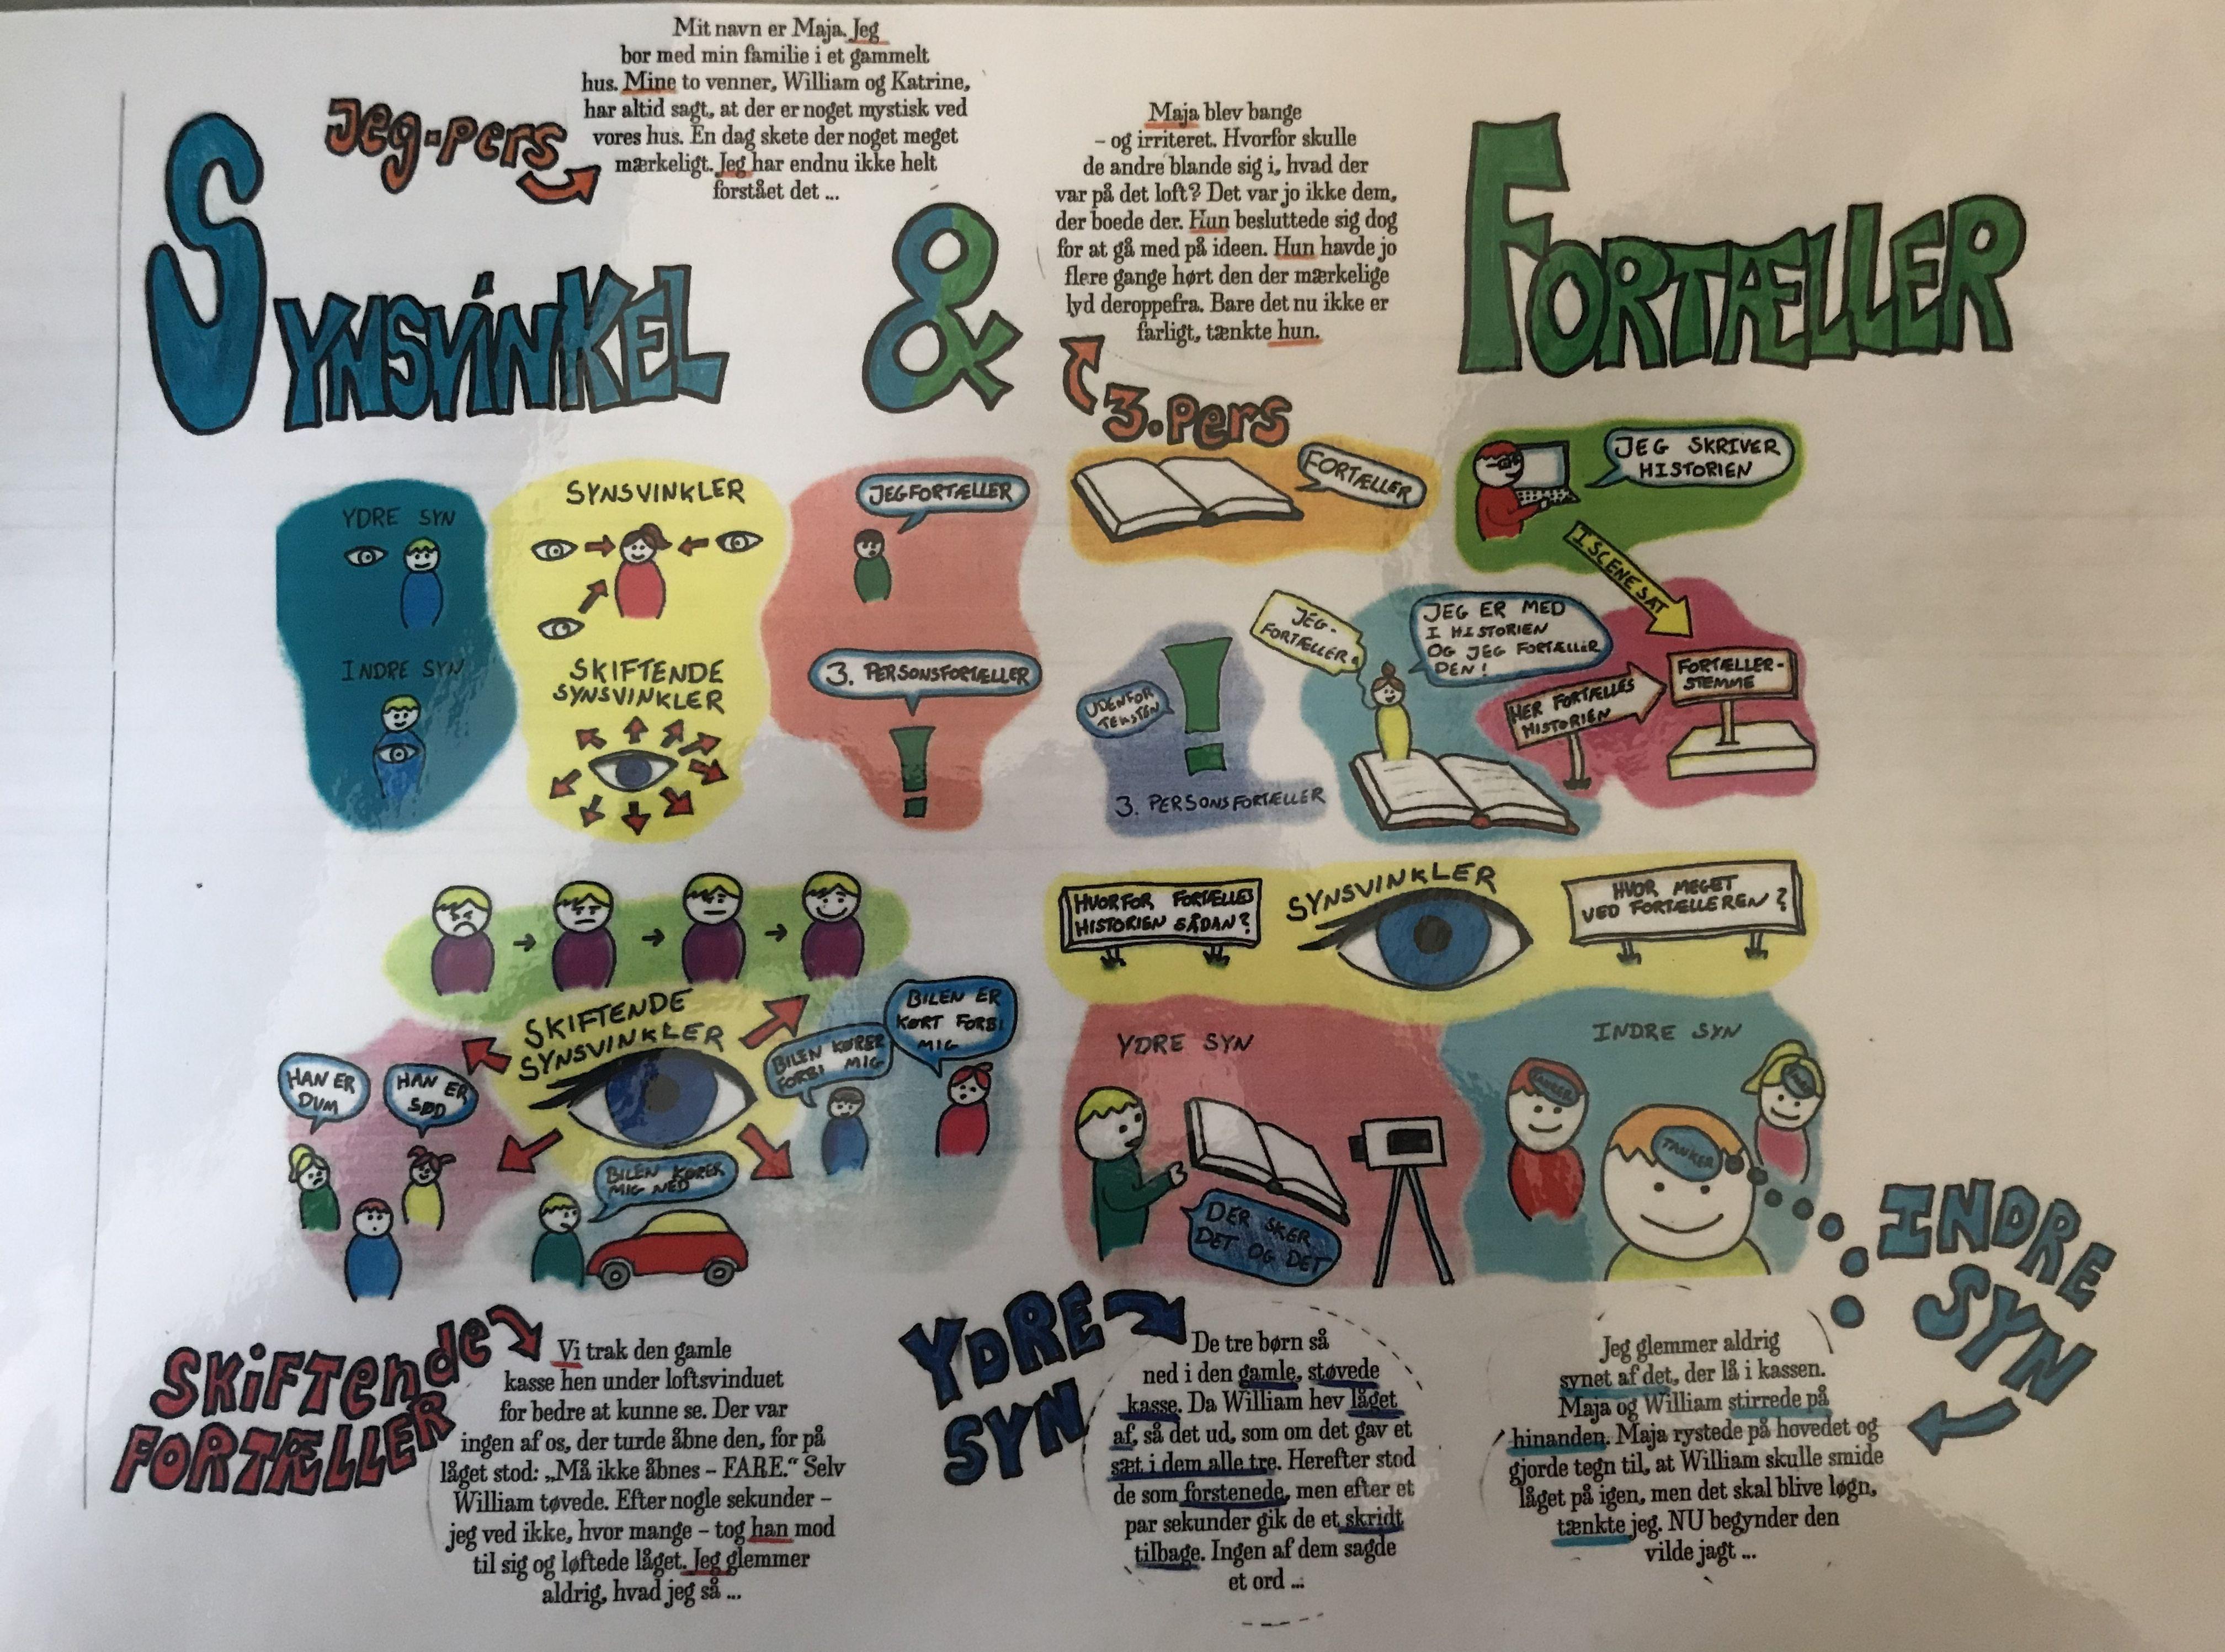 Fortaellere Og Synsvinkel Plakat Til Fandango 5 Sammensat Af Slutbilledet Af Anders Schunks Video Om Fortaellere Og Synsvinkler Plakater Laering Undervisning